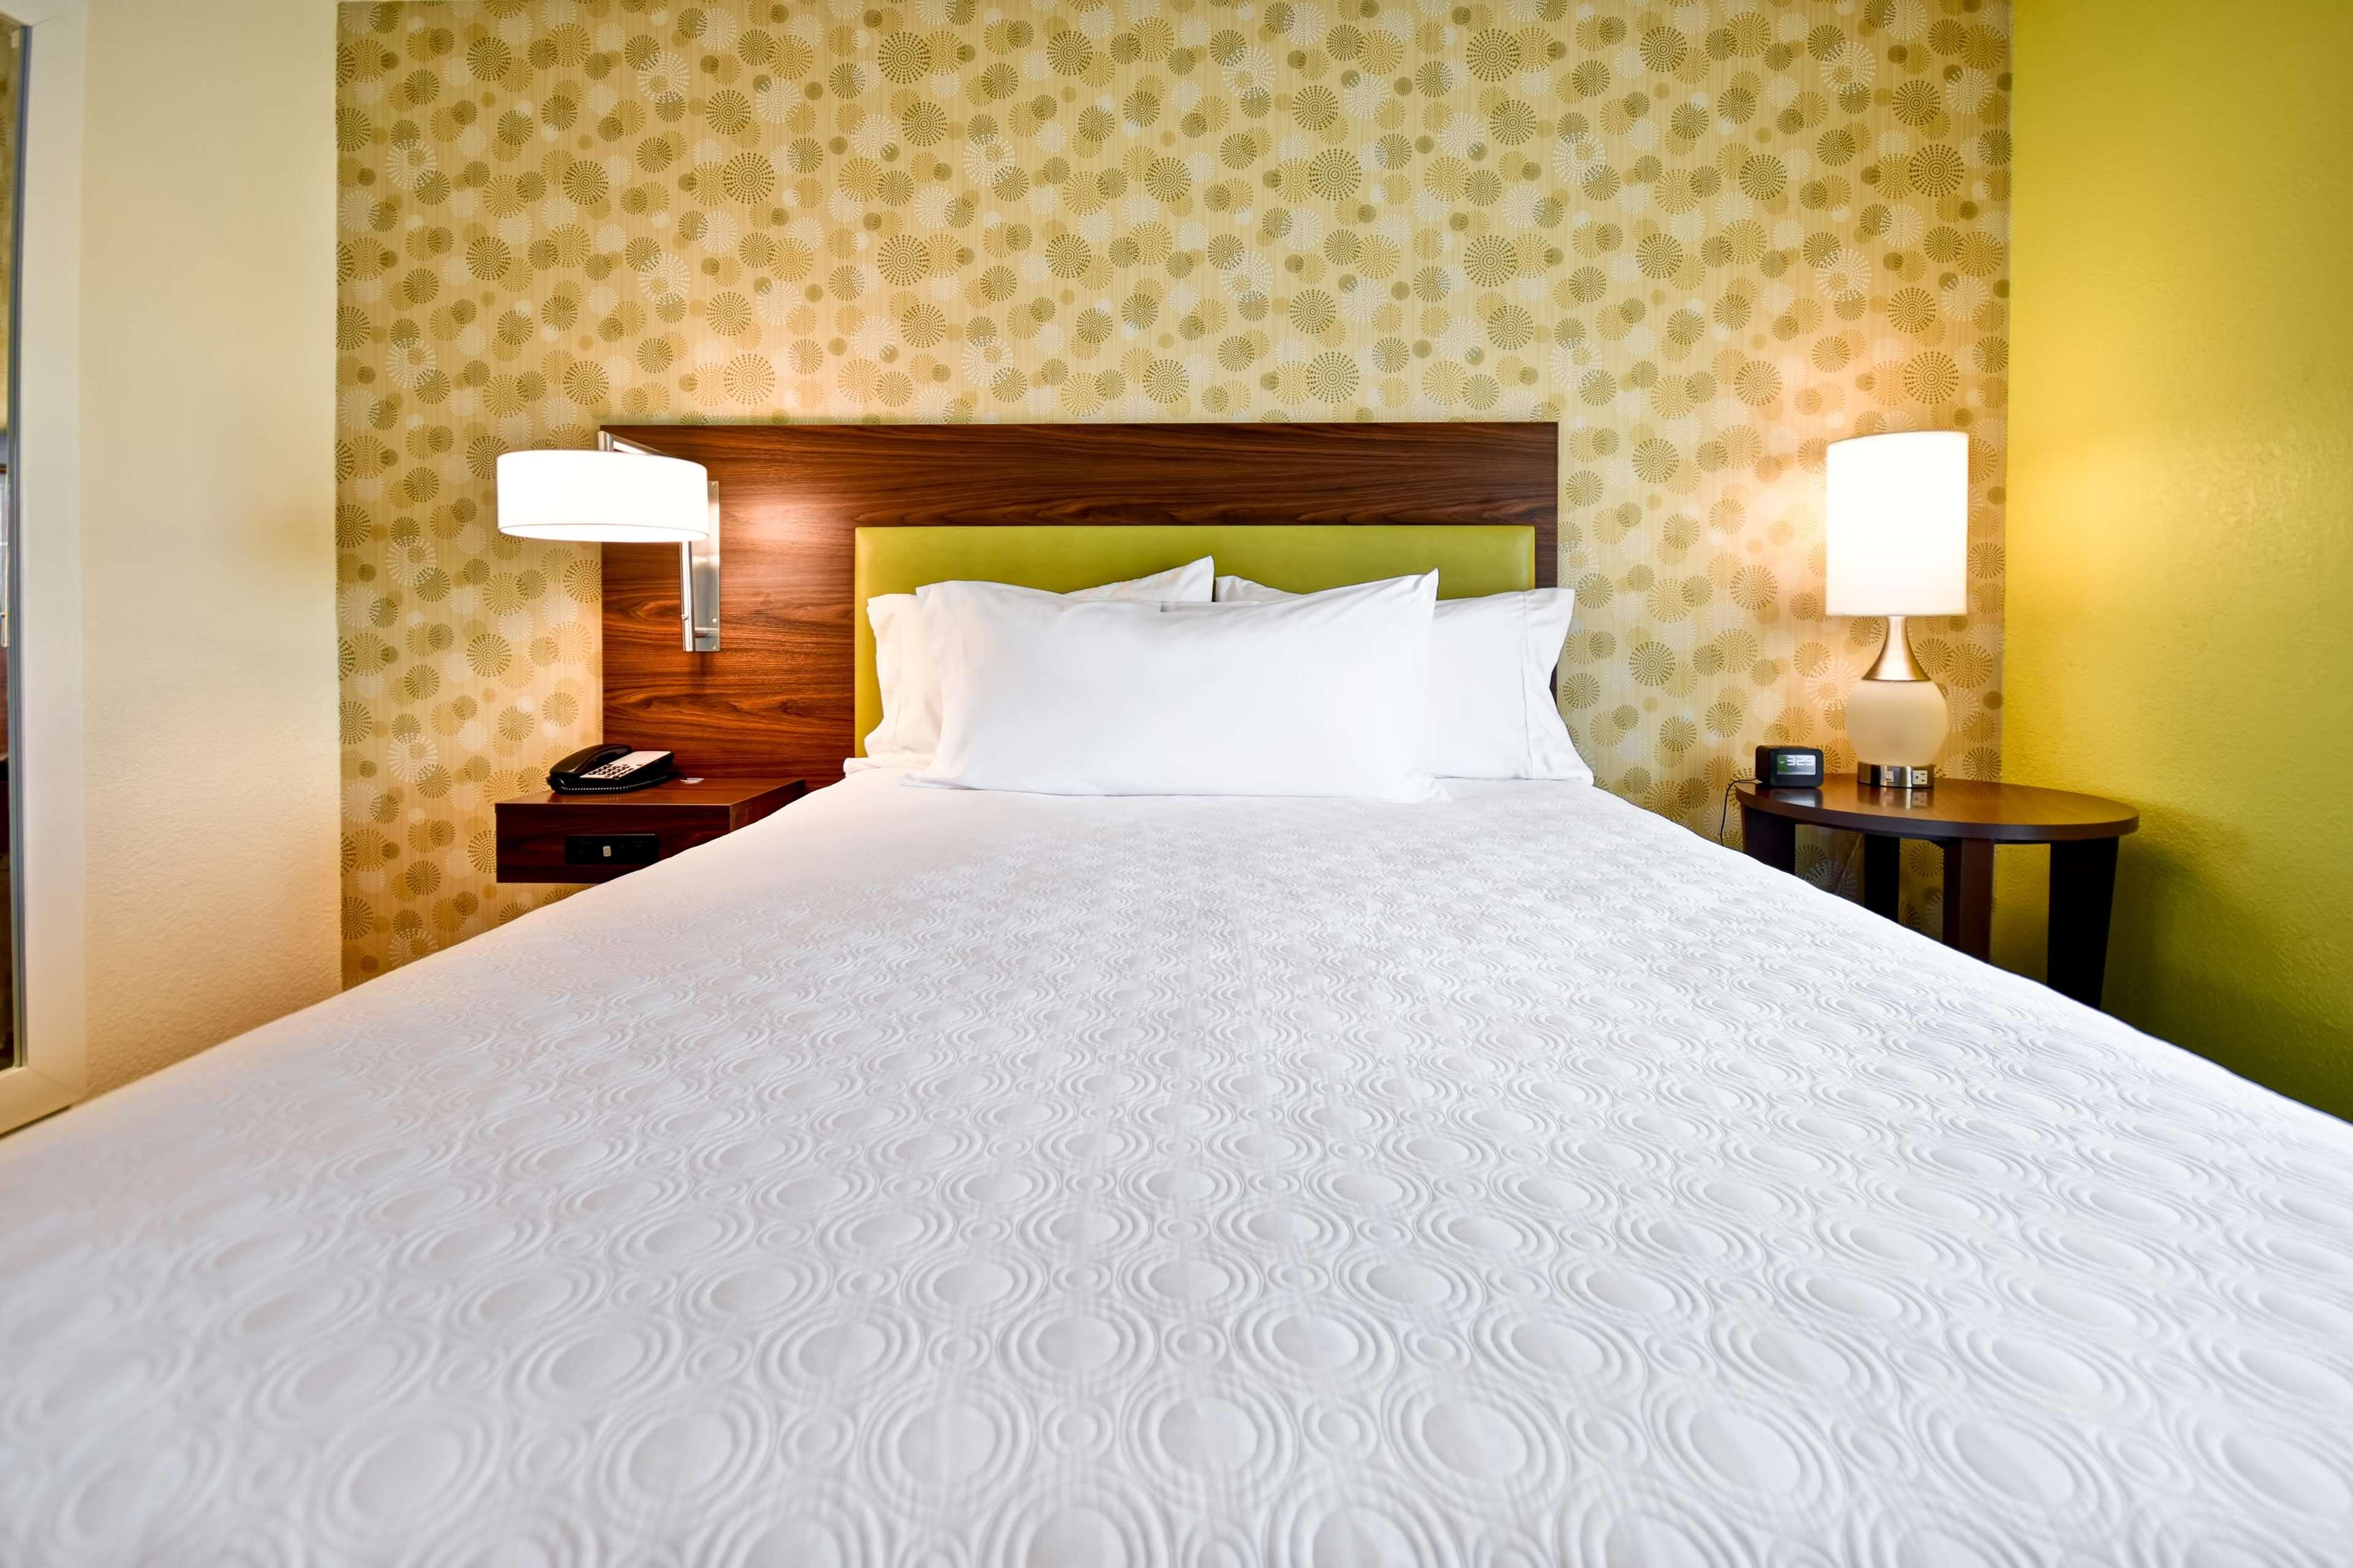 Home2 Suites by Hilton Smyrna Nashville image 40